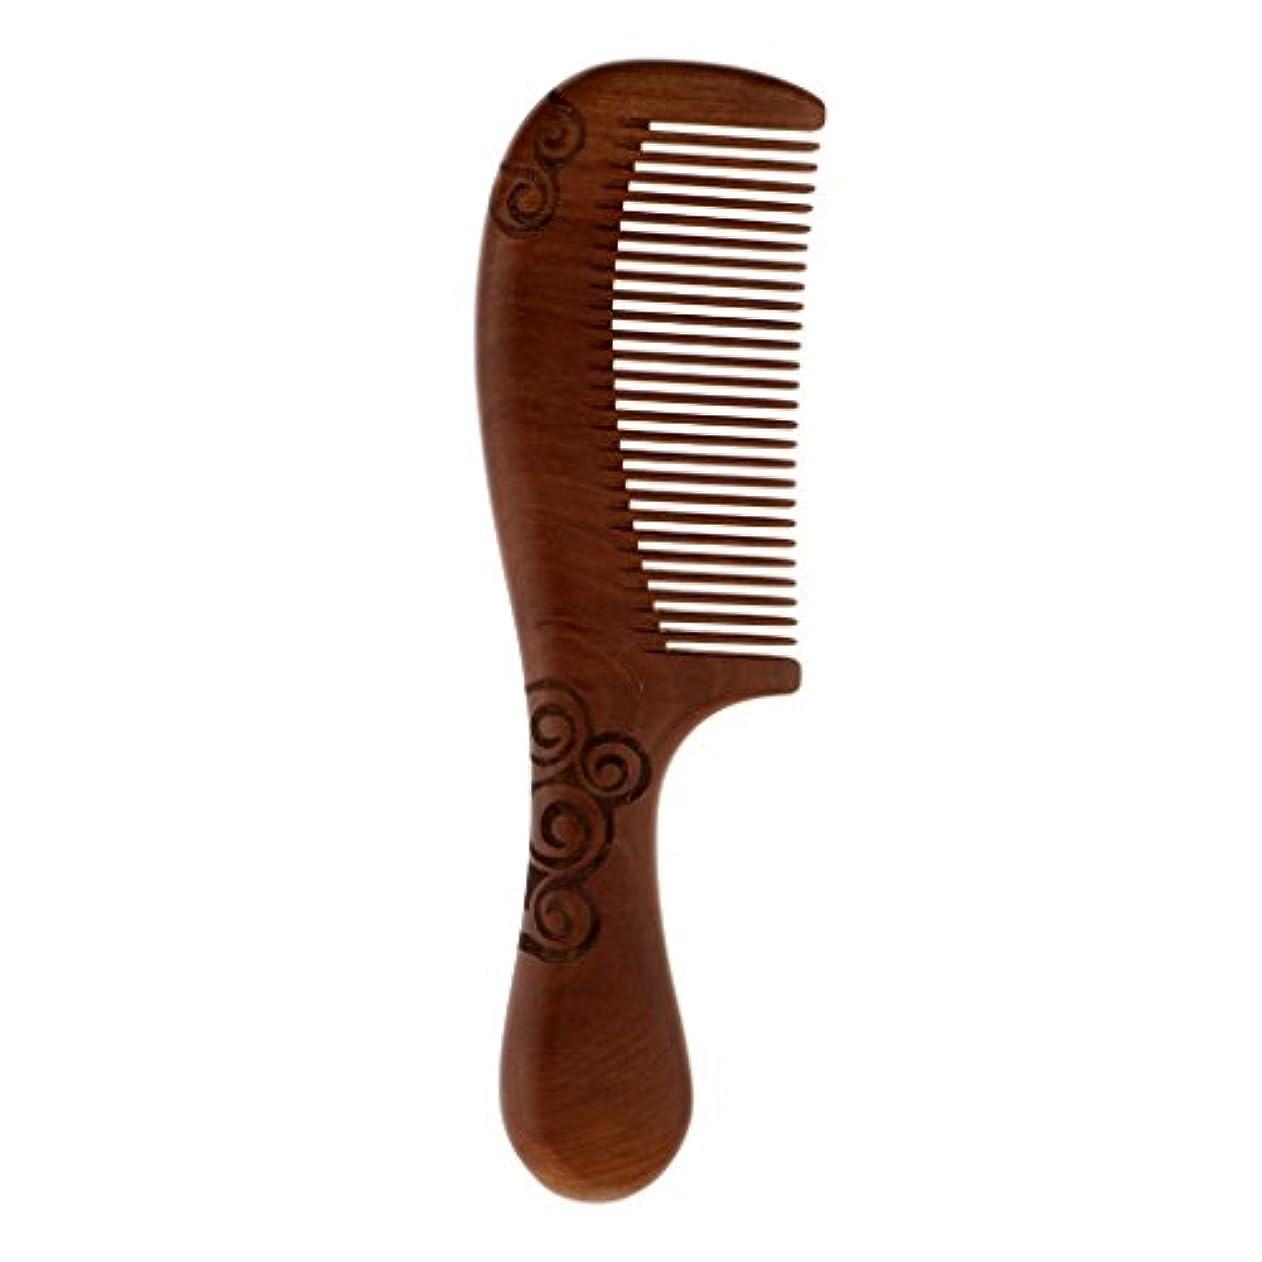 授業料スペイン語束ねるSM SunniMix ヘアコーム 櫛 木製 美髪ケア 頭皮マッサージ 帯電防止 髪の櫛 ヘアケア 頭皮に優しい